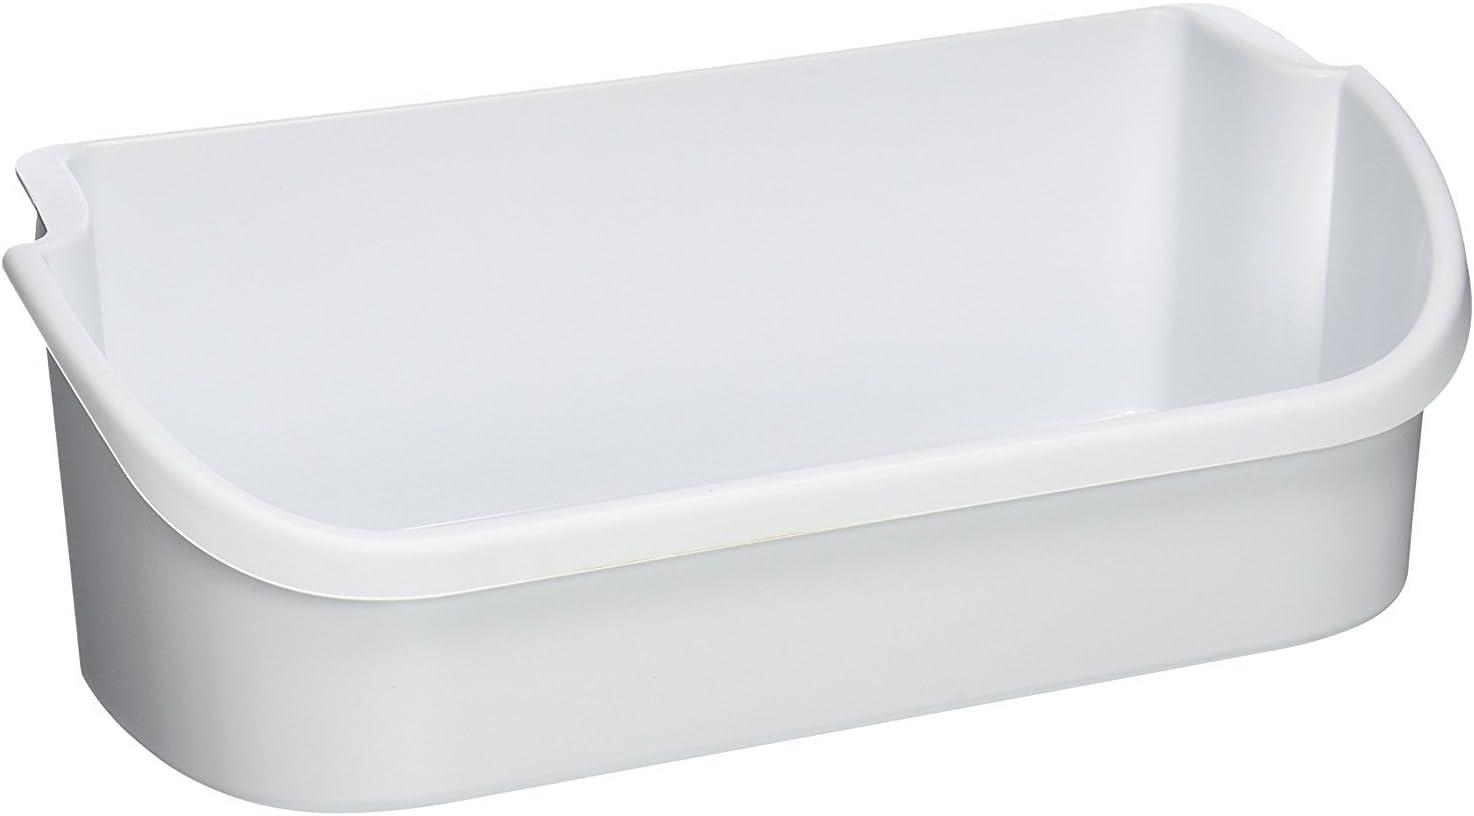 240363701 Refrigerator Door Shelf Bin Replacement for Frigidaire FFHS2322MSLA Refrigerator UpStart Components Brand Compatible with AP2116105 Door Shelf